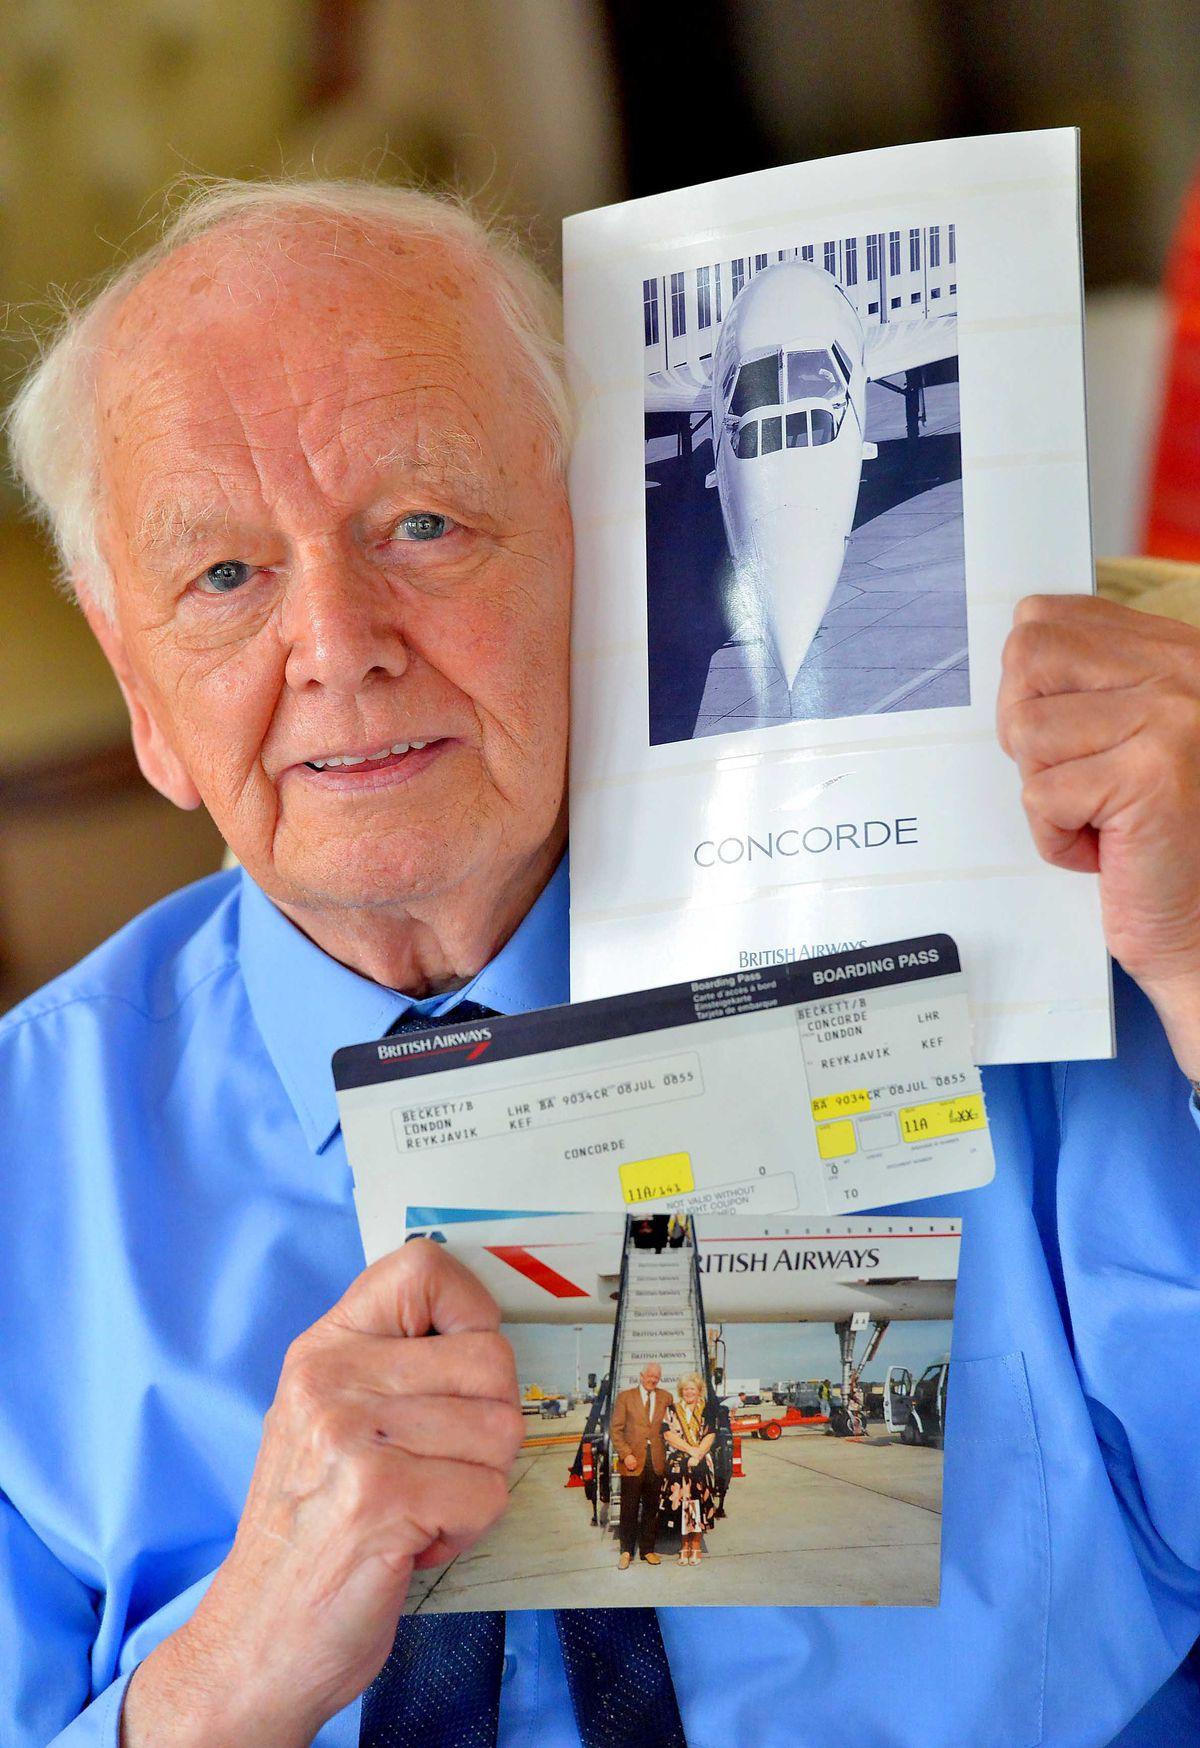 Alan recalls his flight on Concorde in 1996